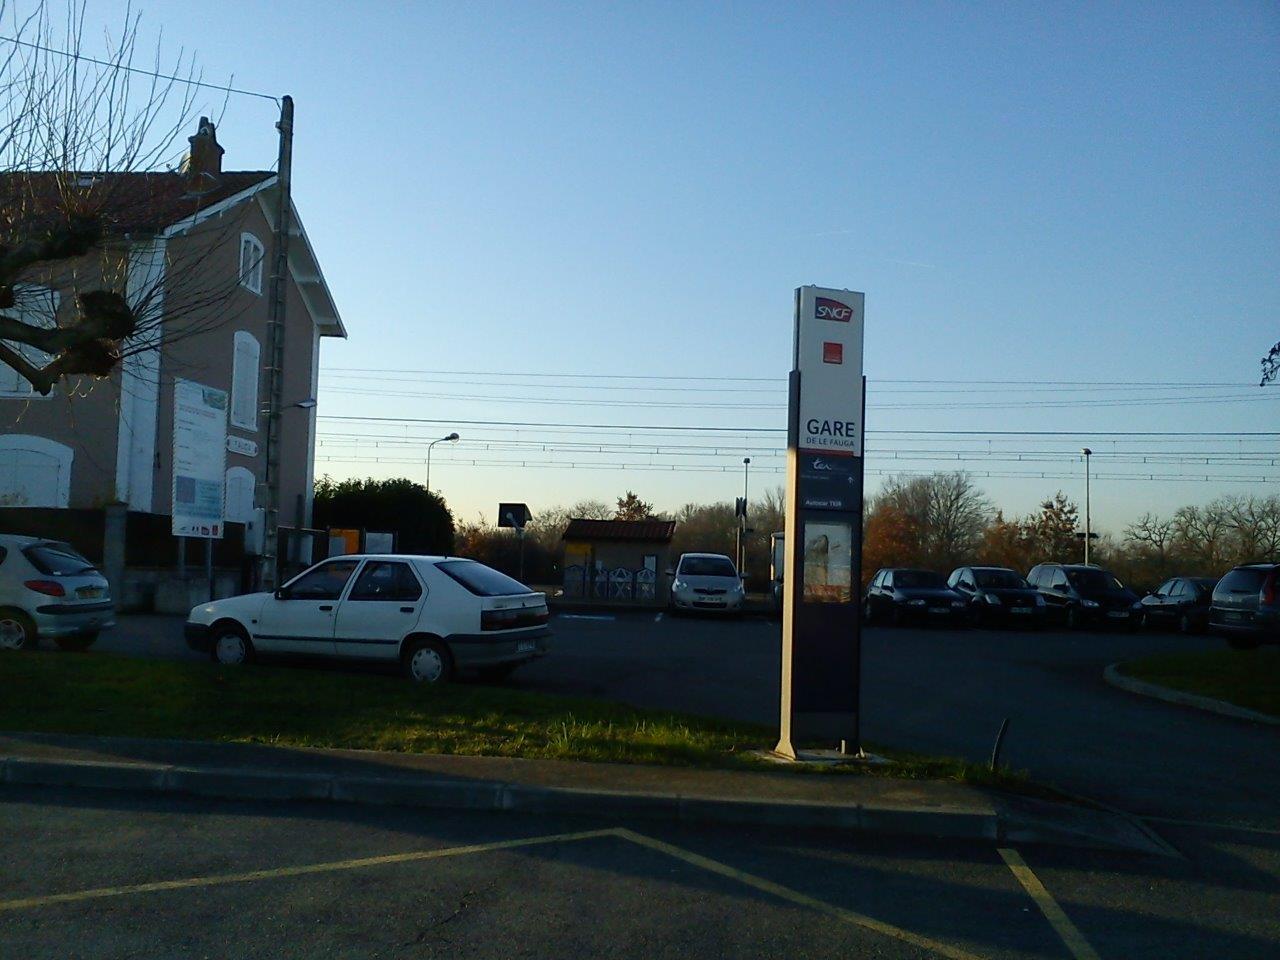 gare-du-fauga-train-station